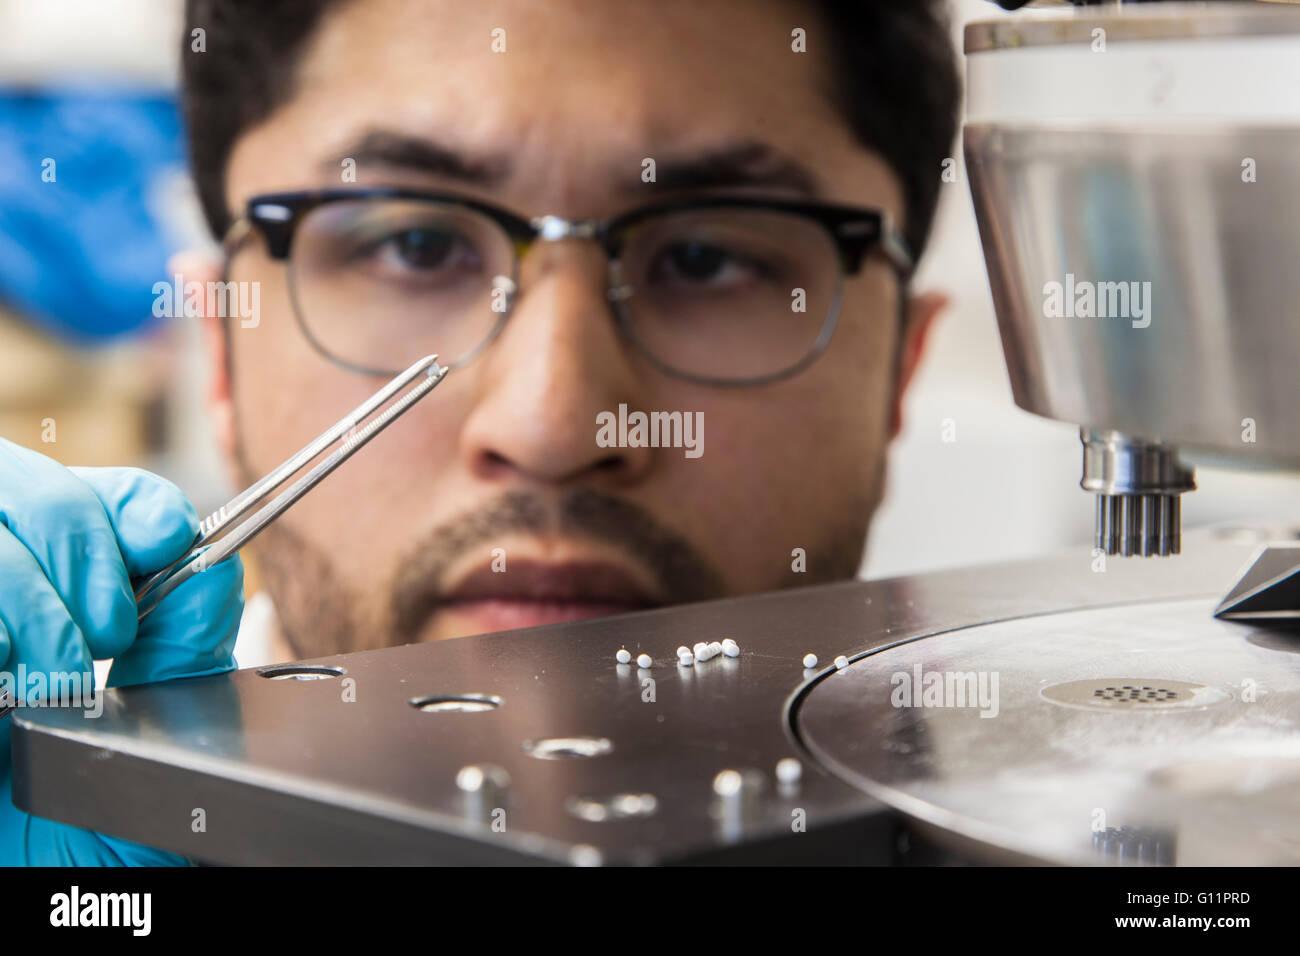 La investigación en el Instituto de Farmacia y Biopharmaceutics. Estudiante de doctorado en la máquina Imagen De Stock